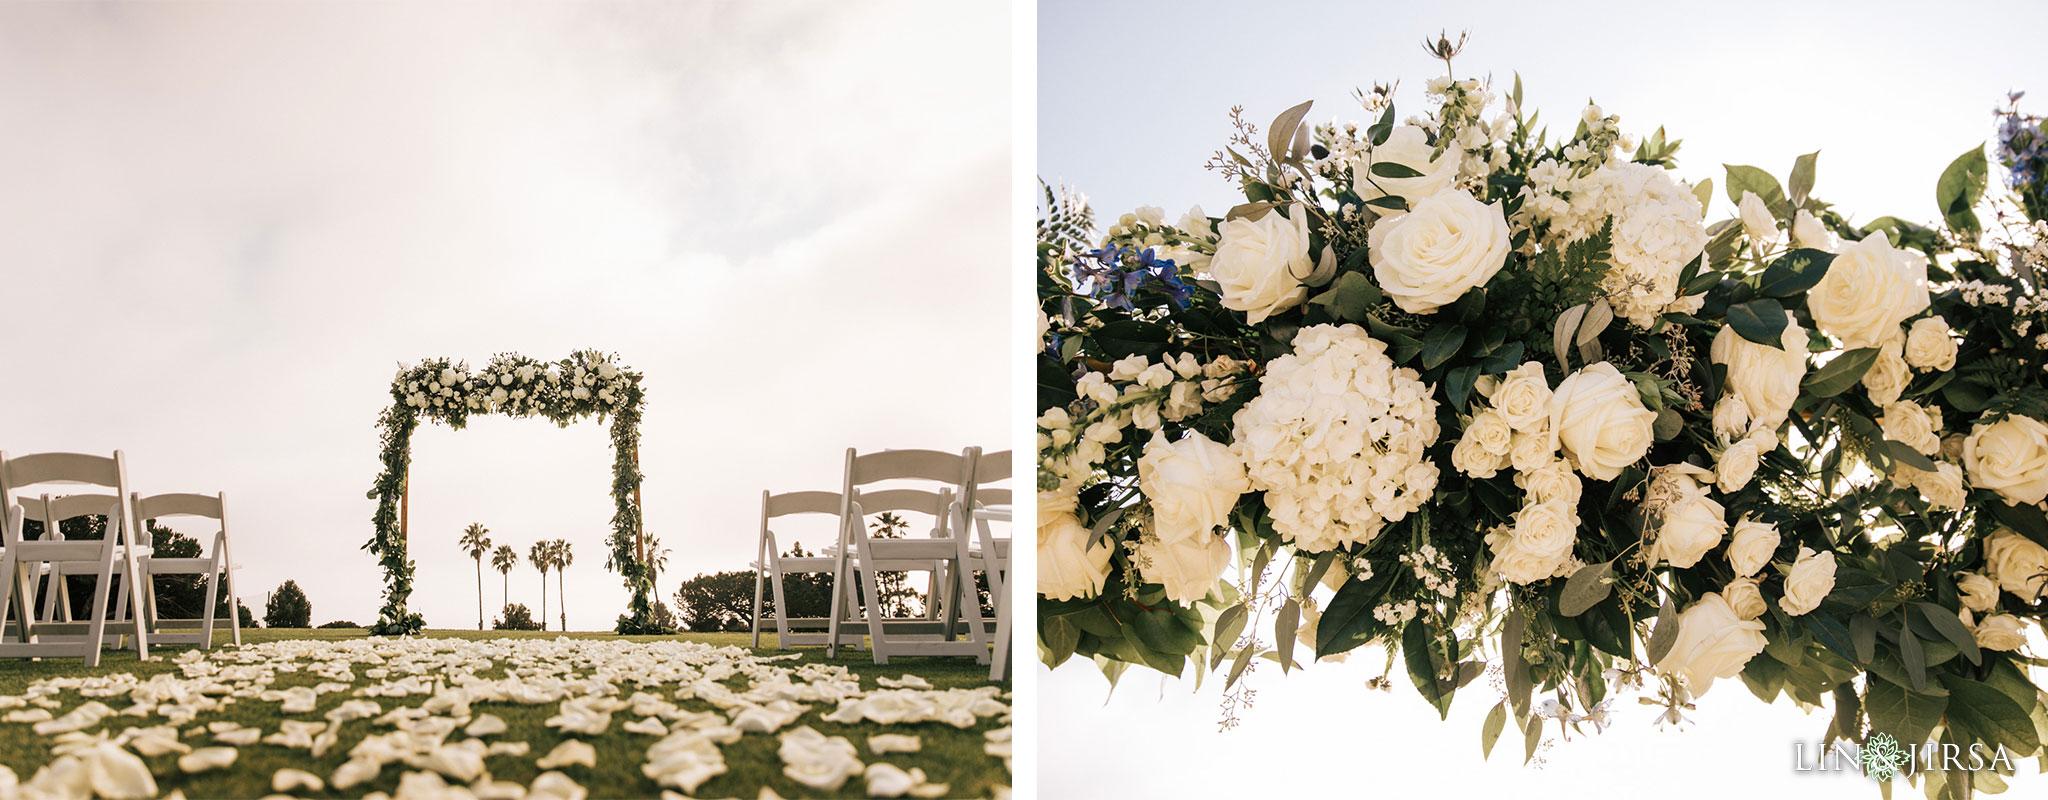 021 los verdes golf course wedding ceremony photography